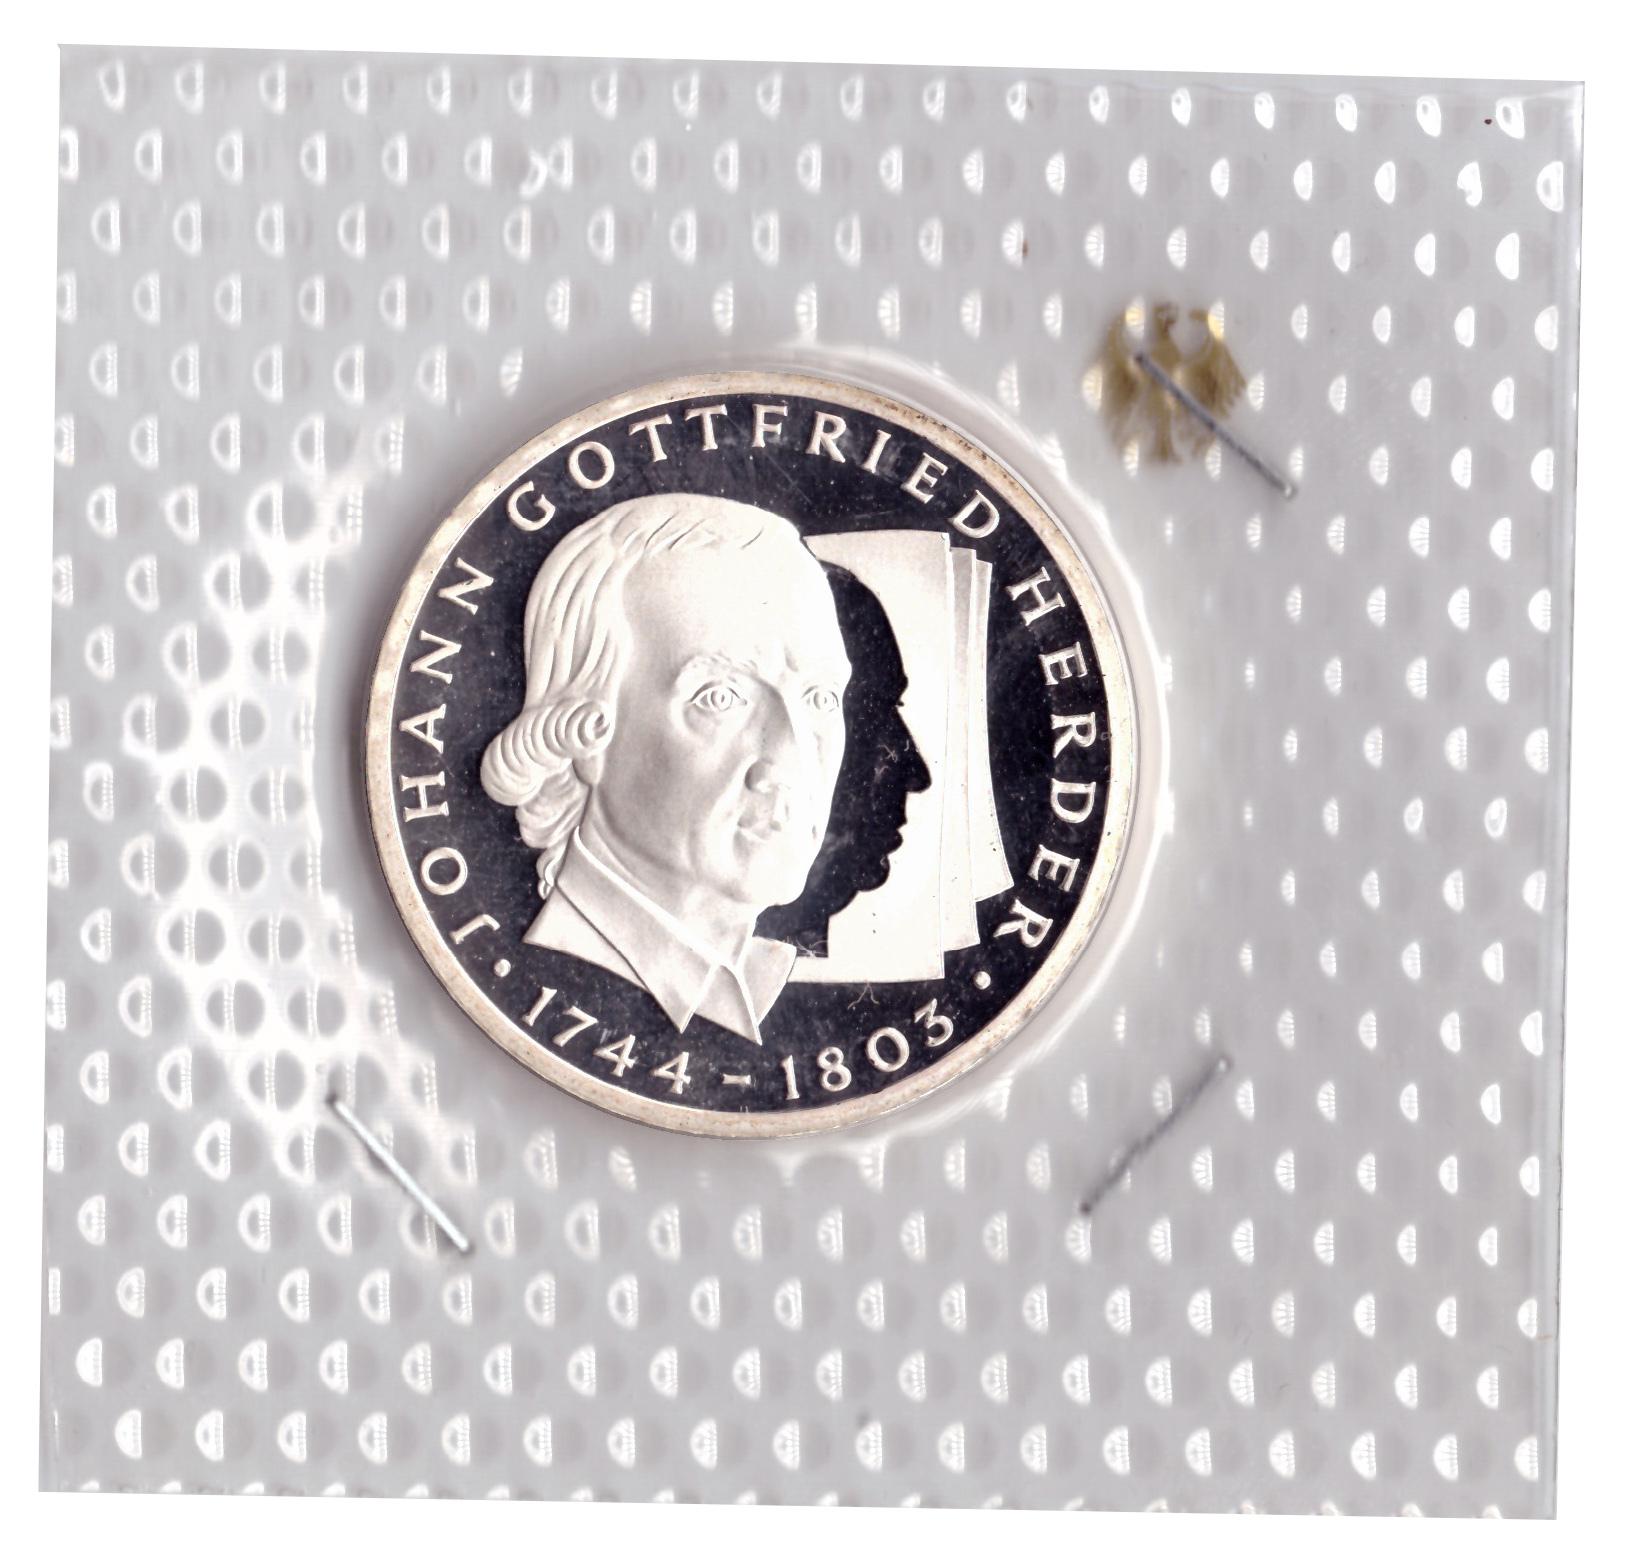 10 марок 1994 год (G) 250 лет со дня рождения Иоганна Готфрида Гердера, Германия. PROOF в родной запайке